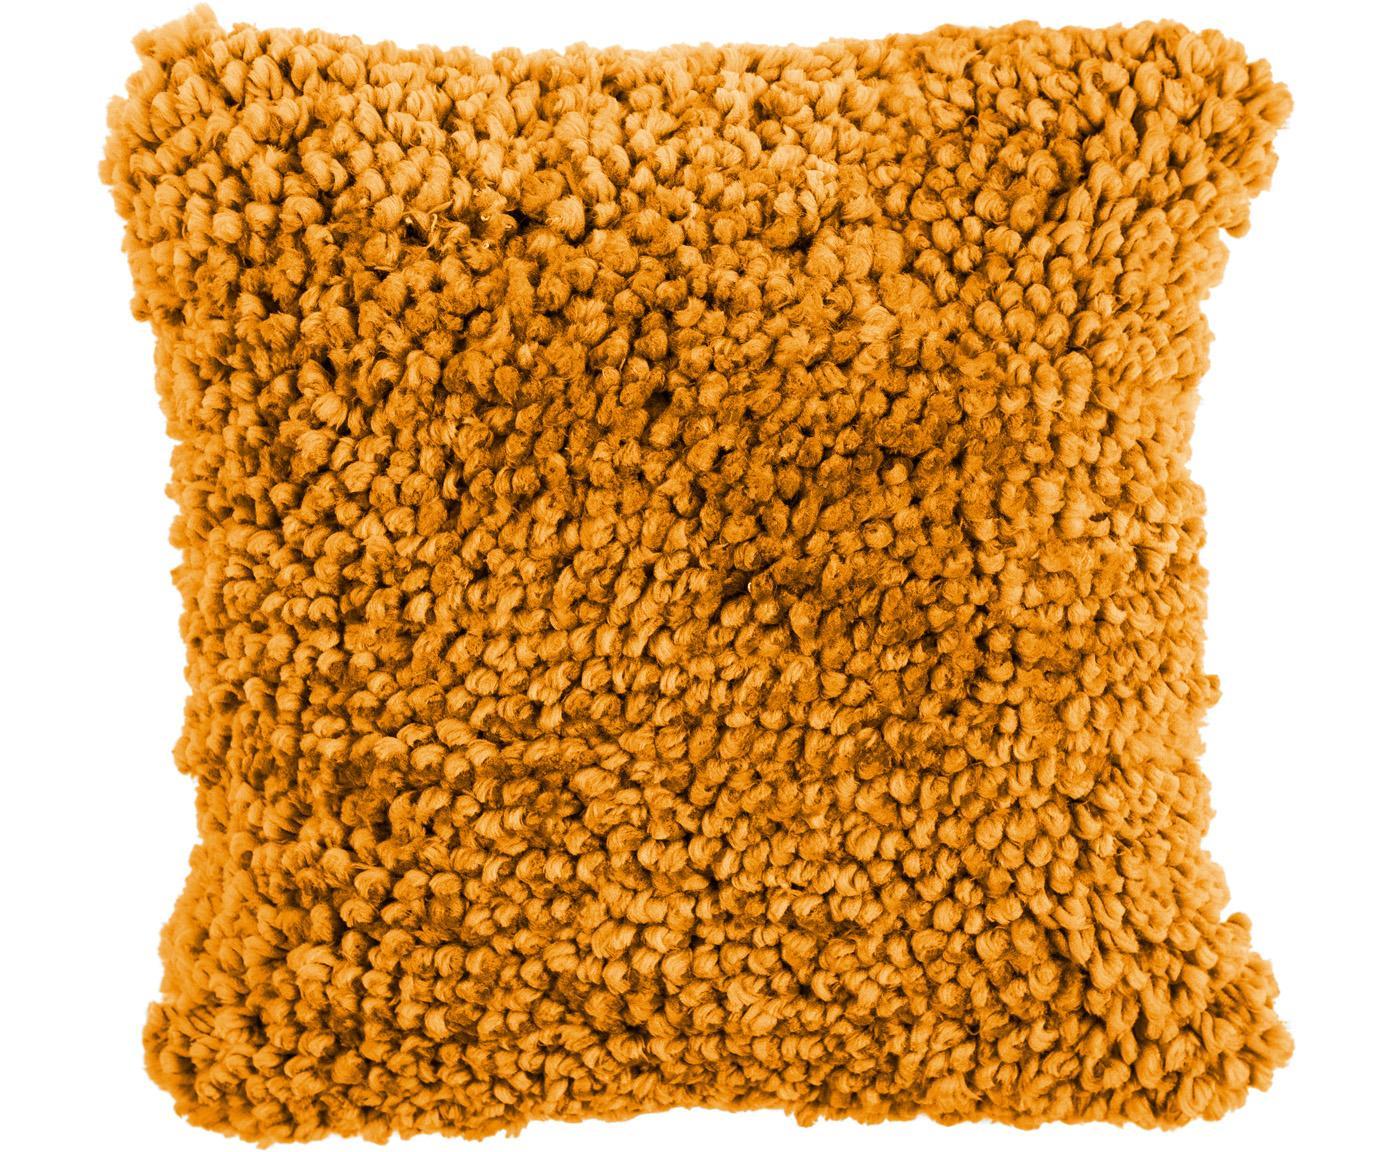 Flauschiges Kissen Oscar, mit Inlett, Bezug: 95% Baumwolle, 5% Acryl, Ockergelb, 50 x 50 cm